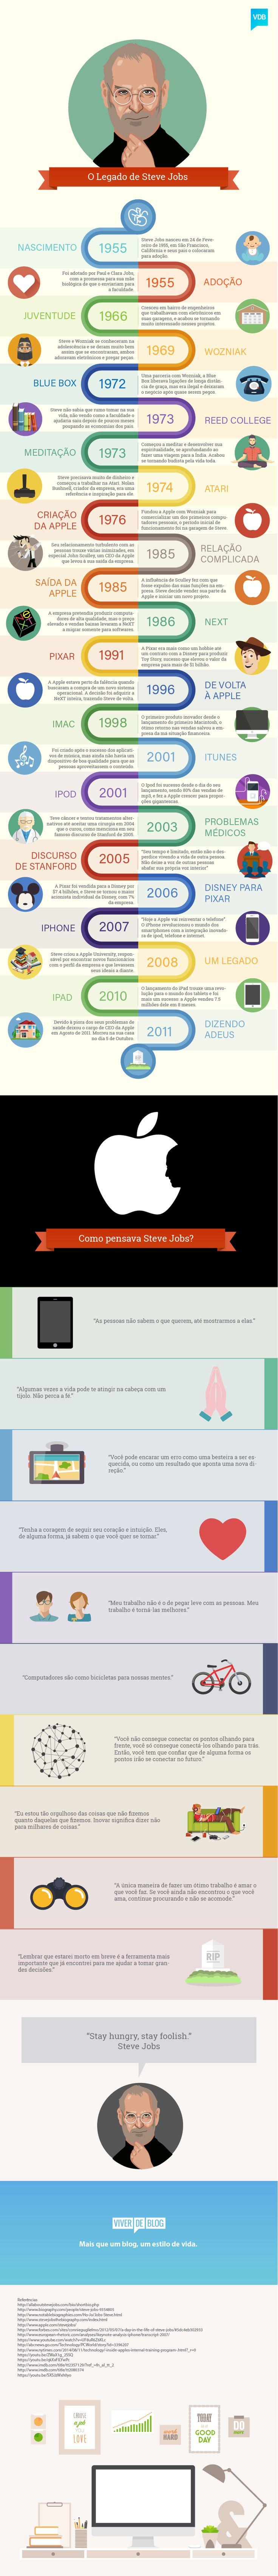 Como Steve Jobs mudou o mundo. Conheça e se inspire no legado de inovação, empreendedorismo e a criação da maçã mais valiosa da história.